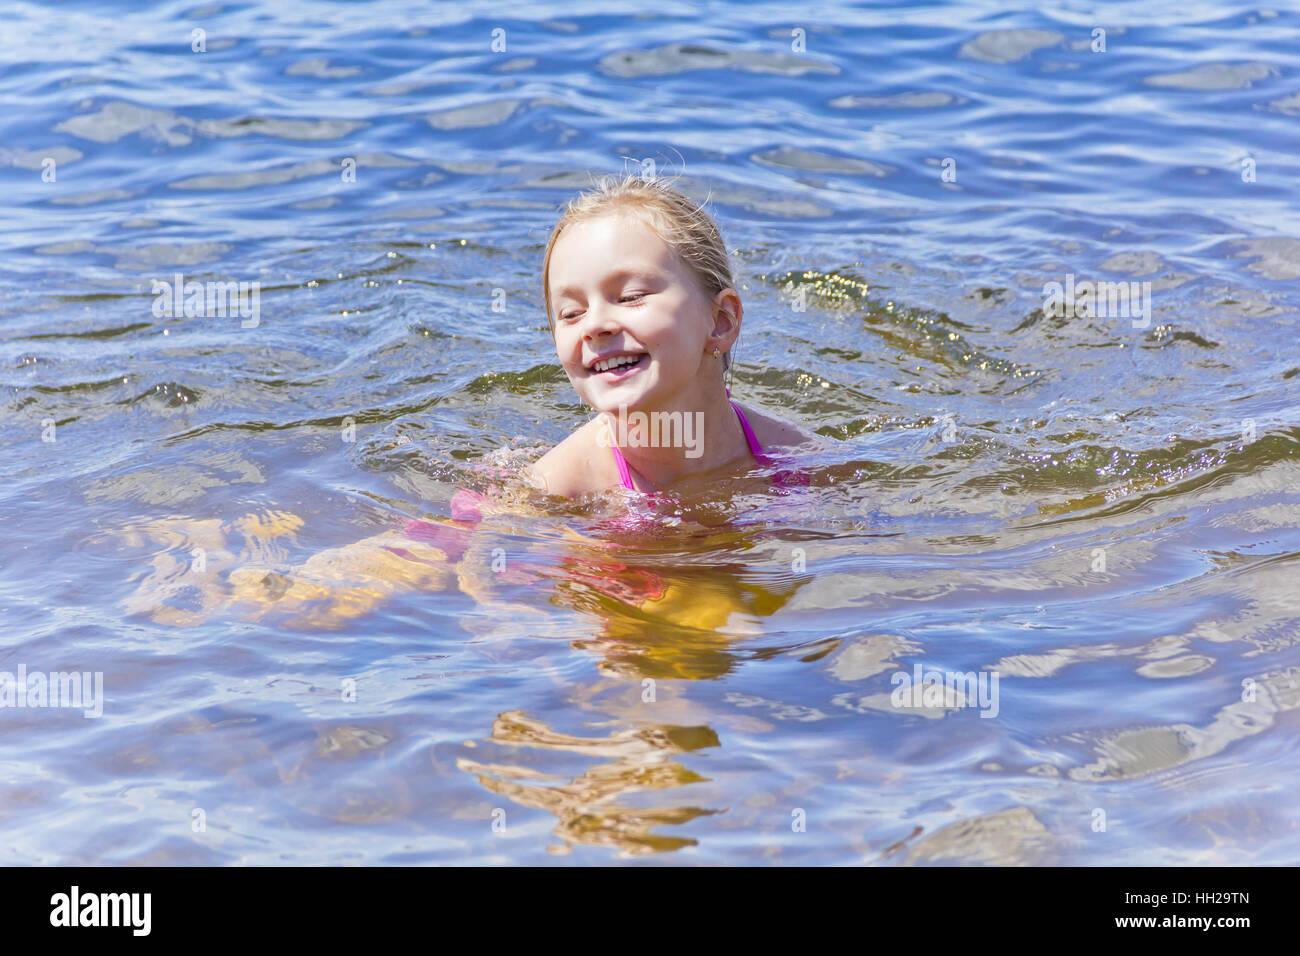 Natación cute sonriente niña de siete años de edad Imagen De Stock